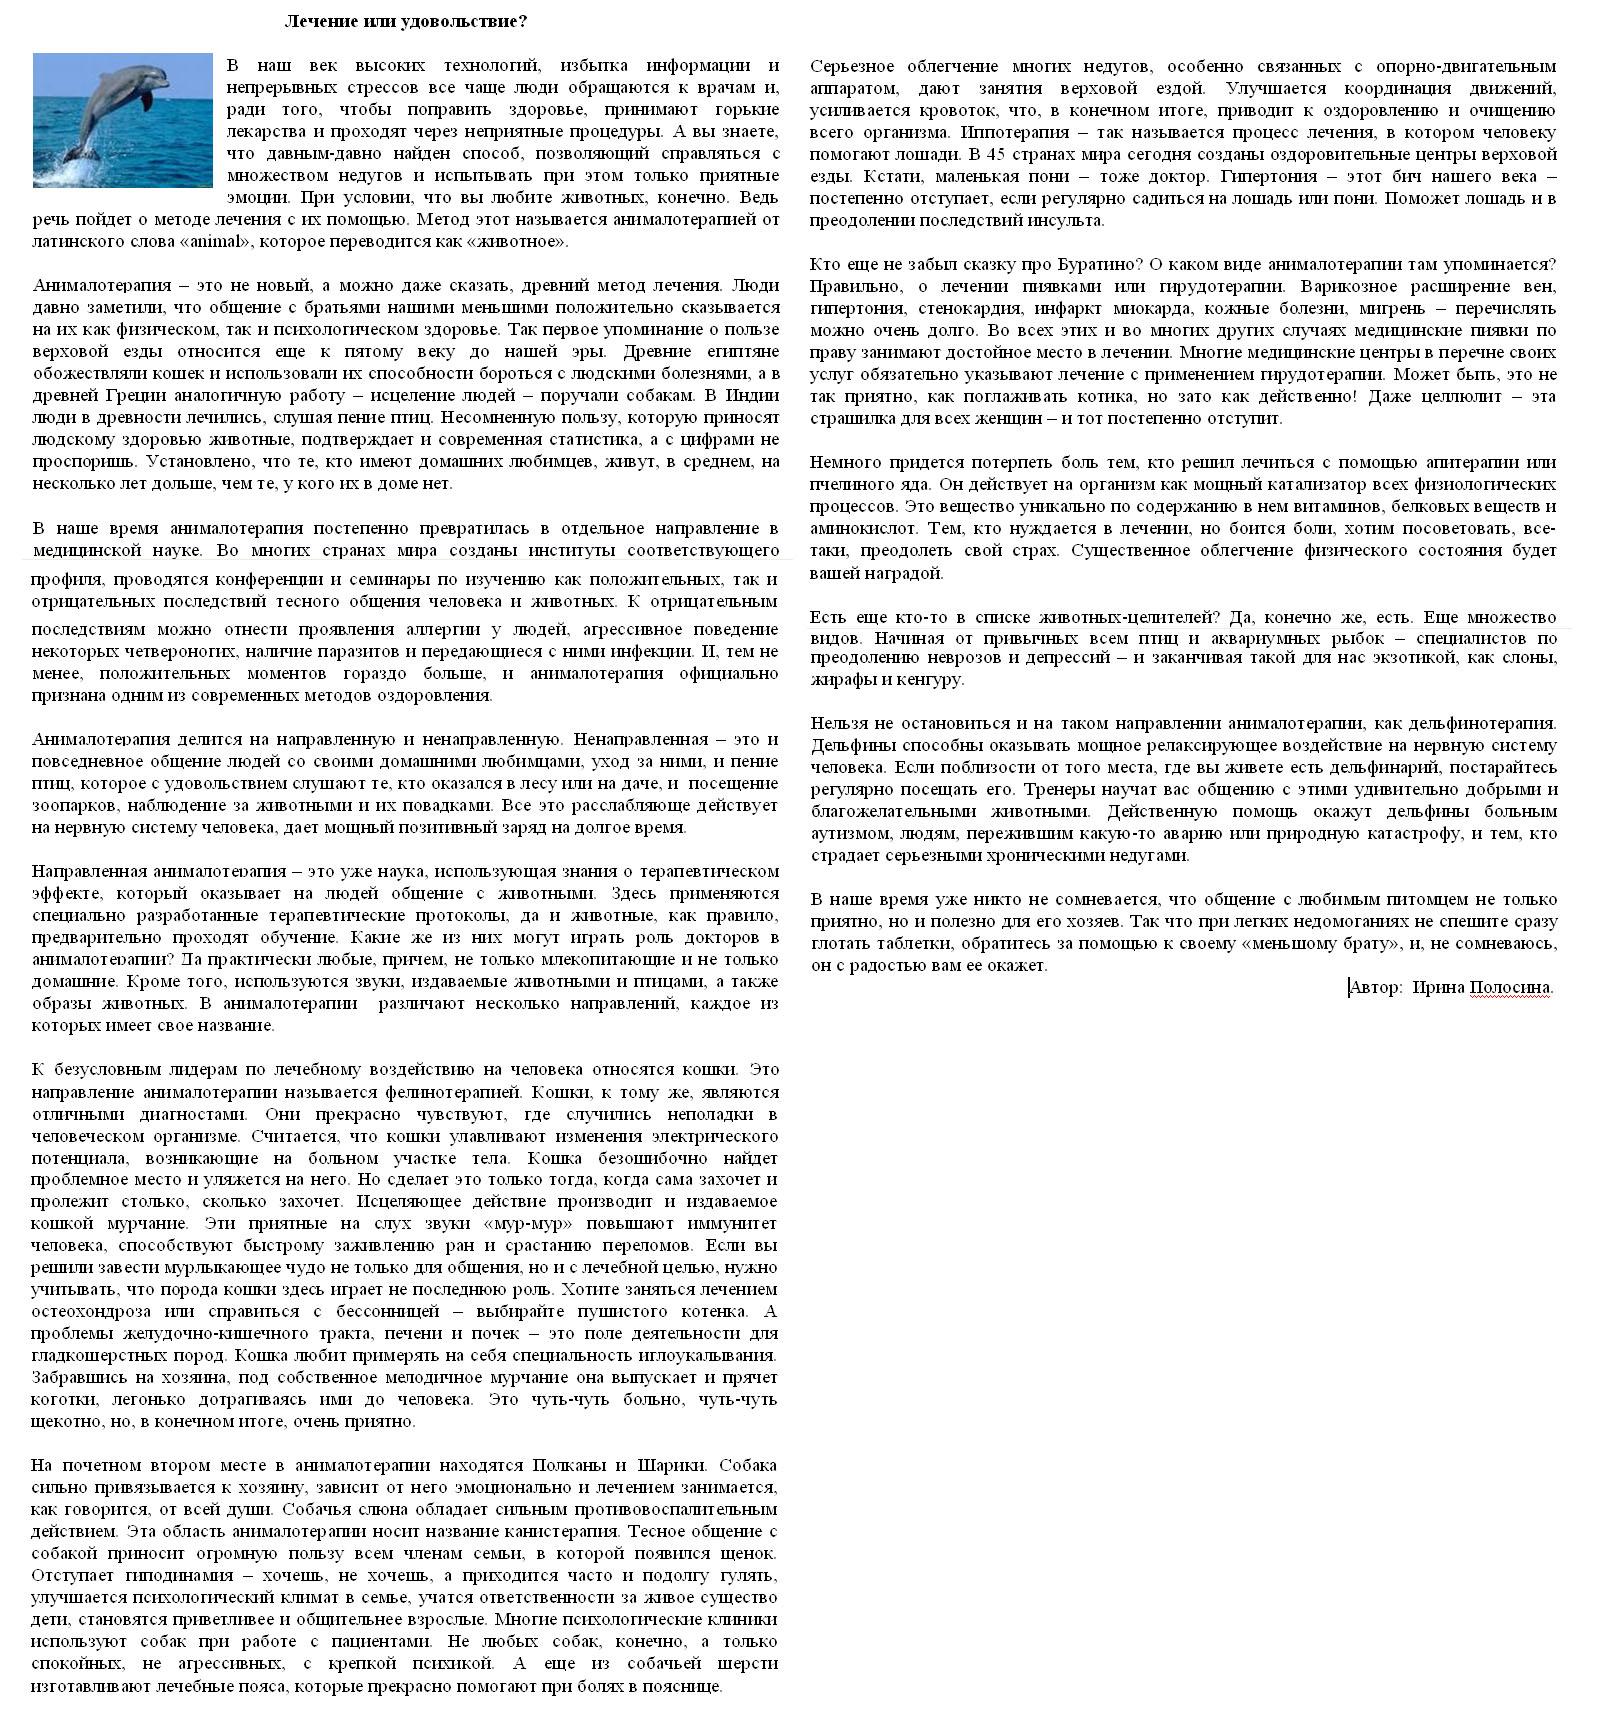 Анималотерапия:лечение или удовольствие?